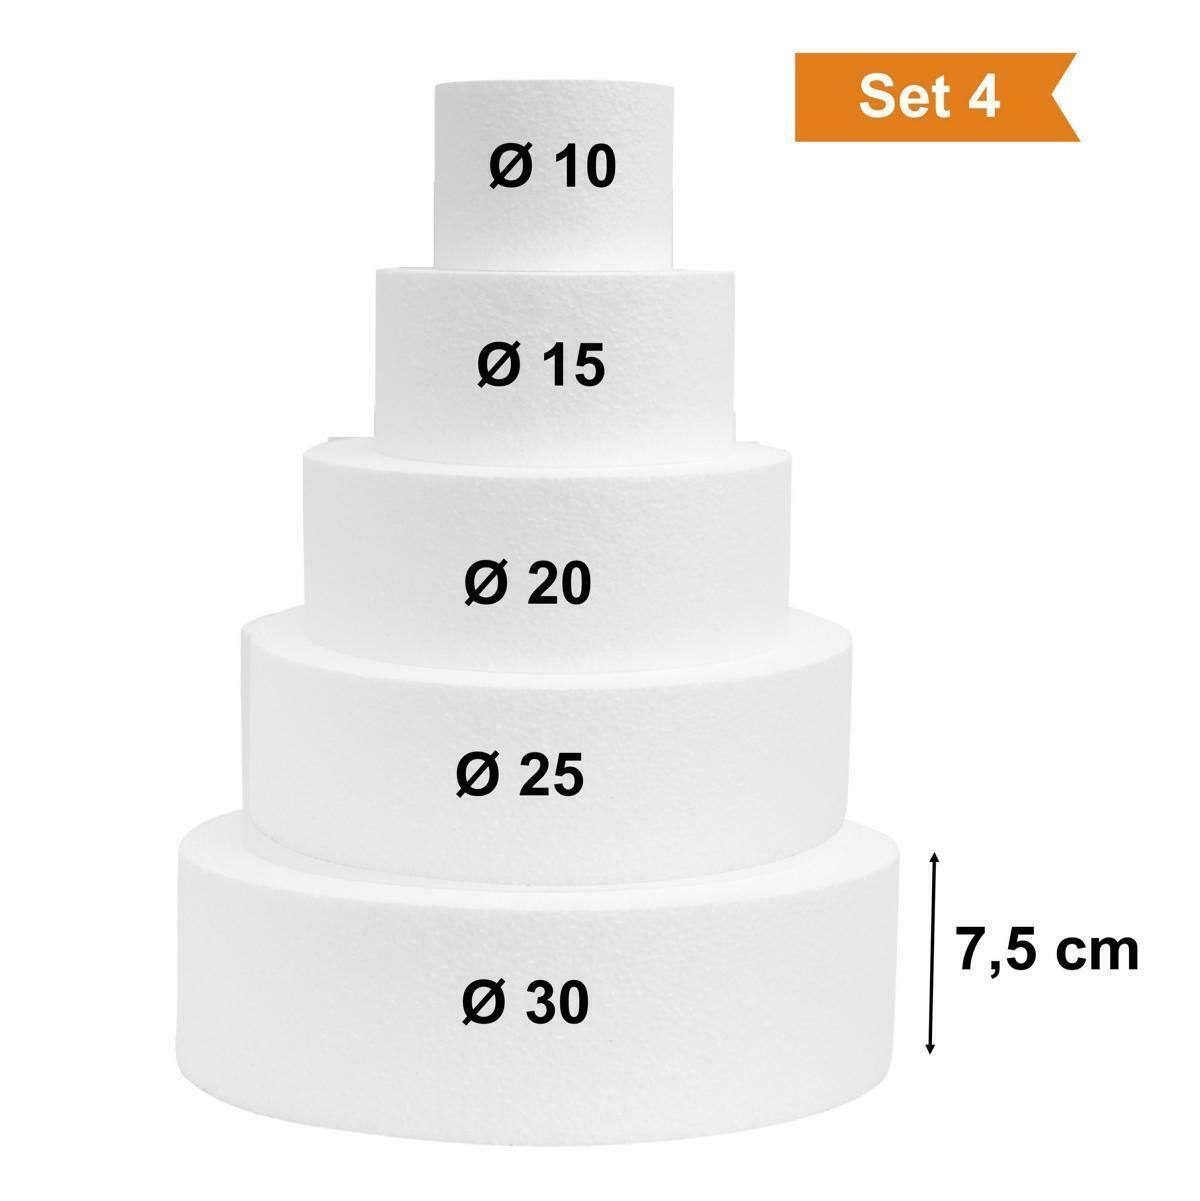 Scheibe Ø 40 Höhe 10 cm Torte Rohling Dummy Hochzeit Cake Pop Grundlage Styropor